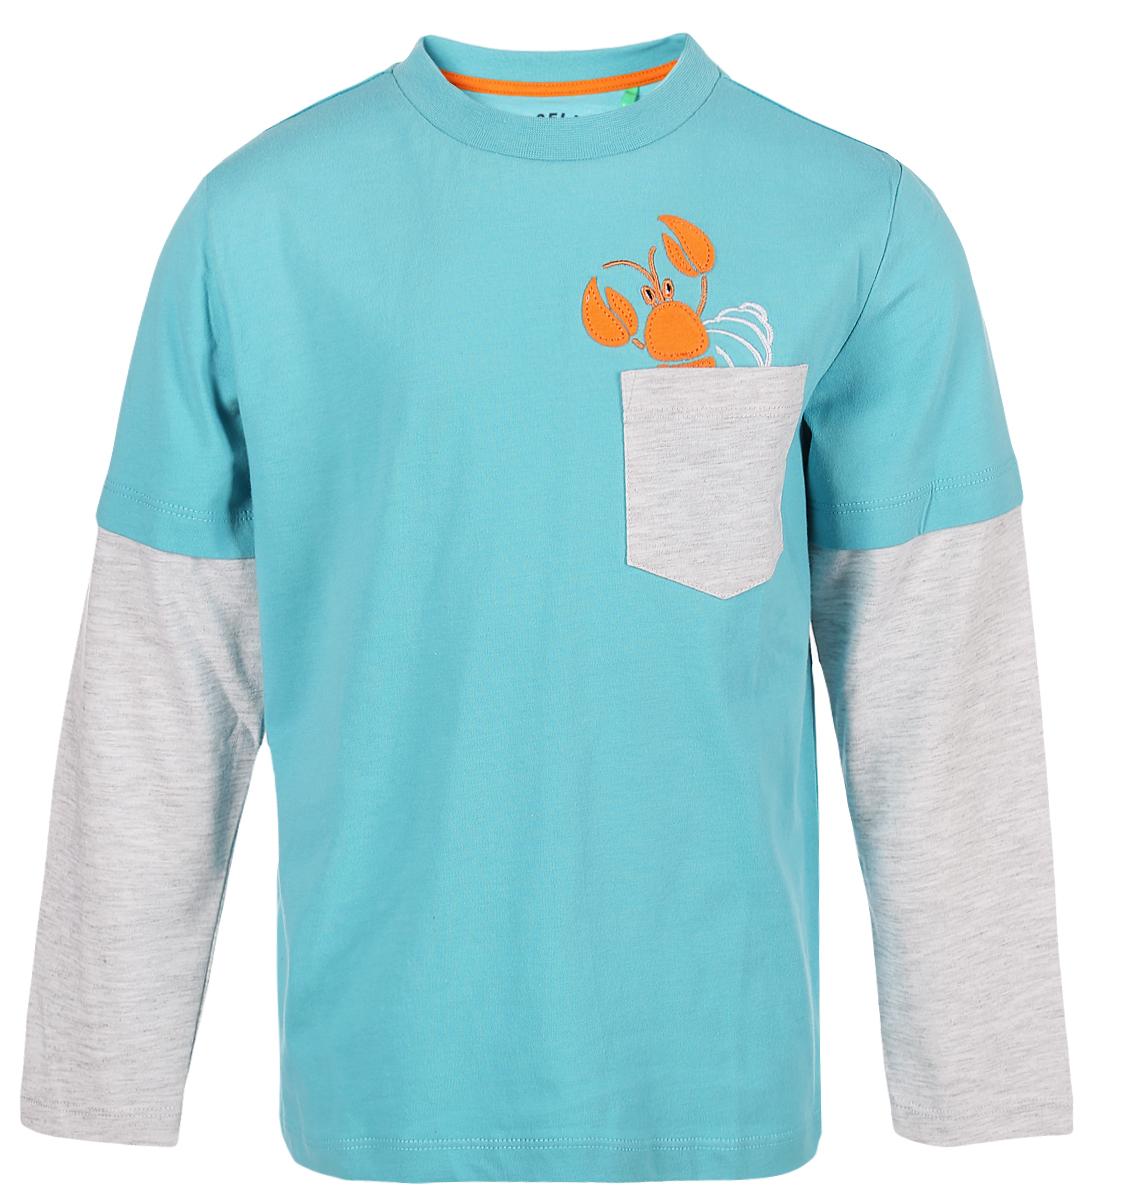 Джемпер для мальчика Sela, цвет: бирюзовый. T-711/548-8132. Размер 116